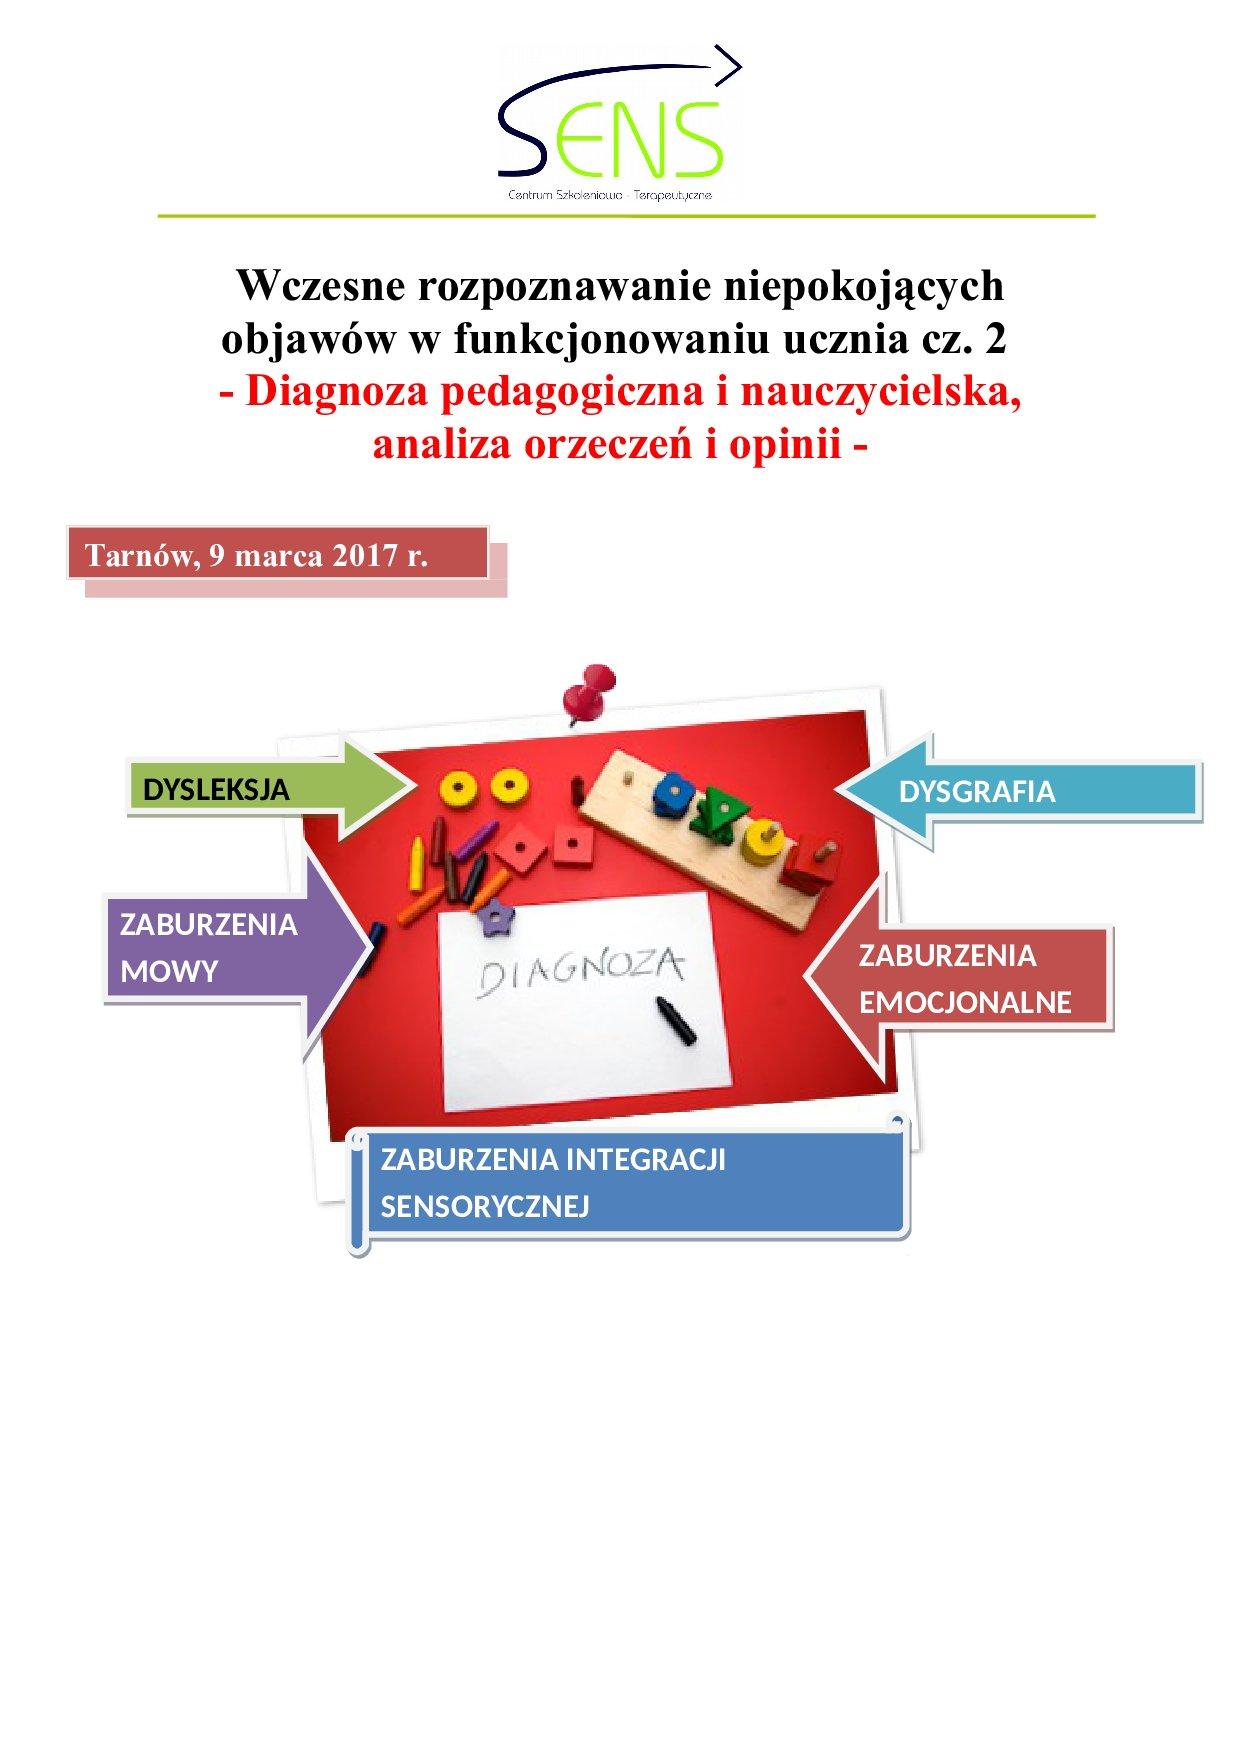 Tarnów. Diagnoza nauczycielska i pedagogiczna. 09.03.2017 r.